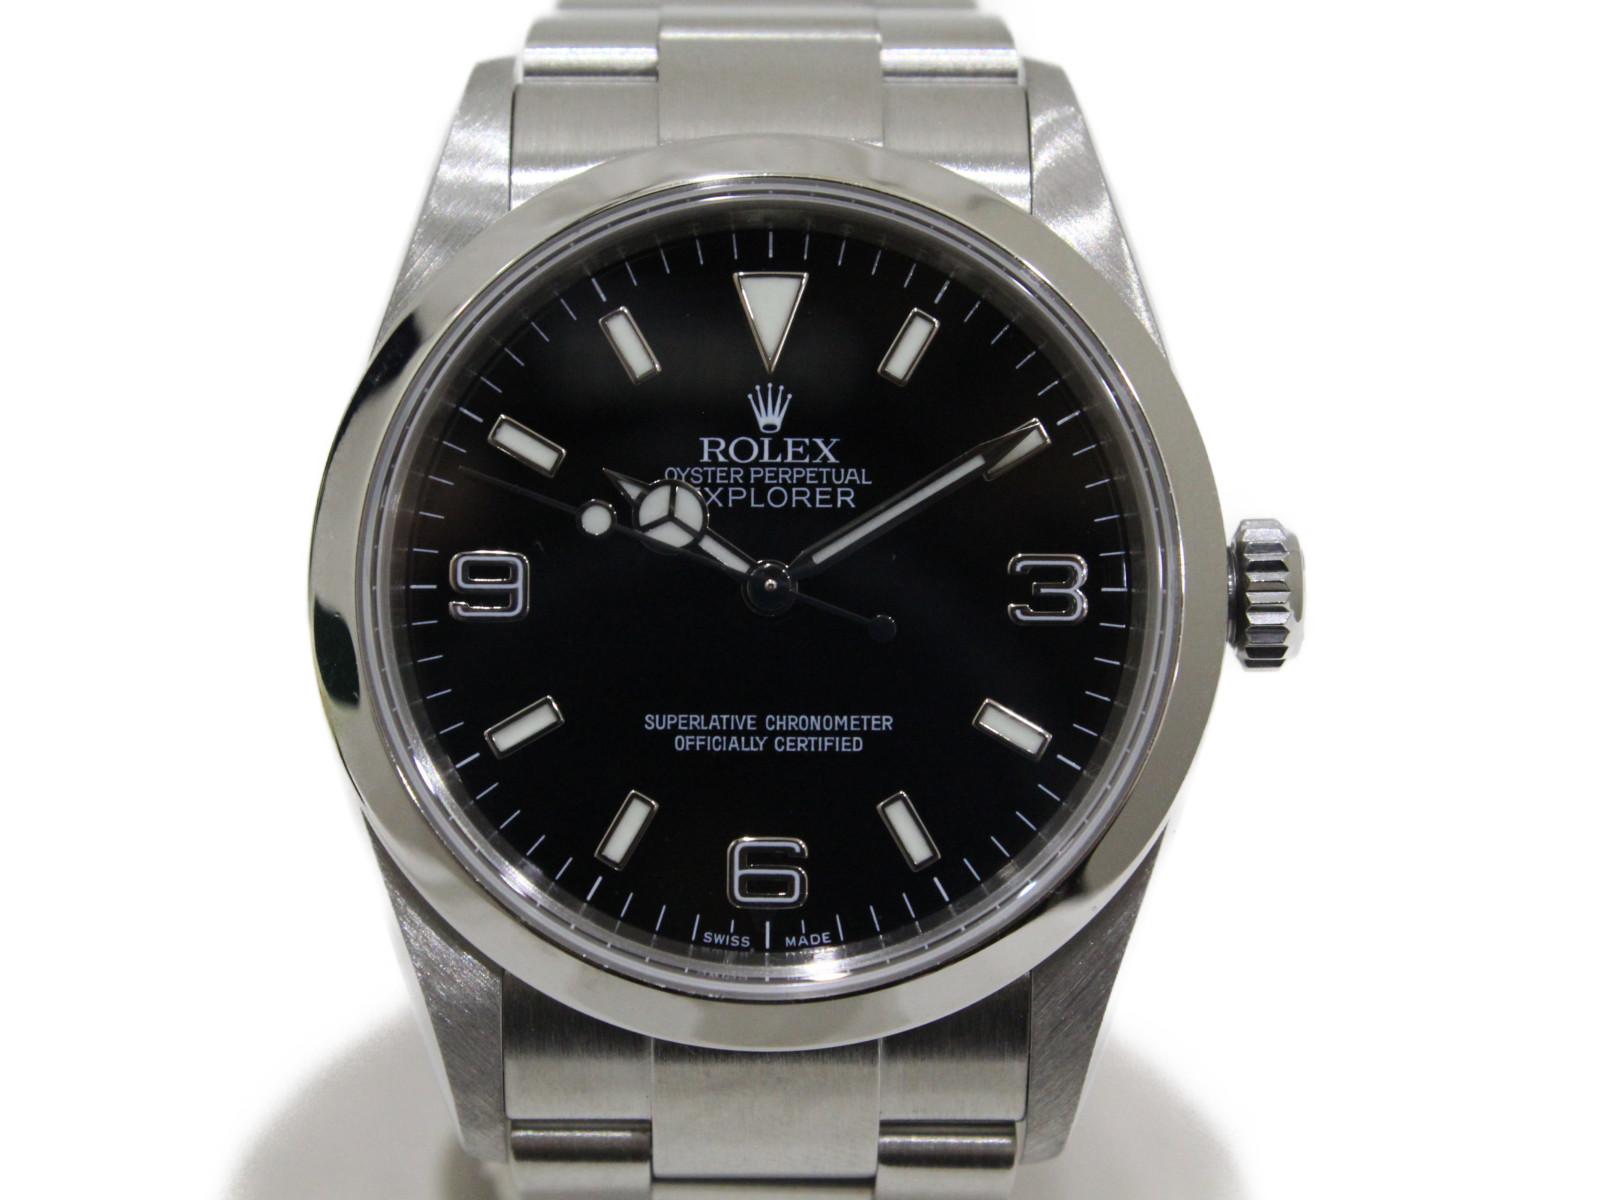 【OH済み】ROLEX ロレックス エクスプローラーI 114270 M番 2007年頃製造 自動巻き SS ステンレススチール ブラック メンズ 腕時計【中古】